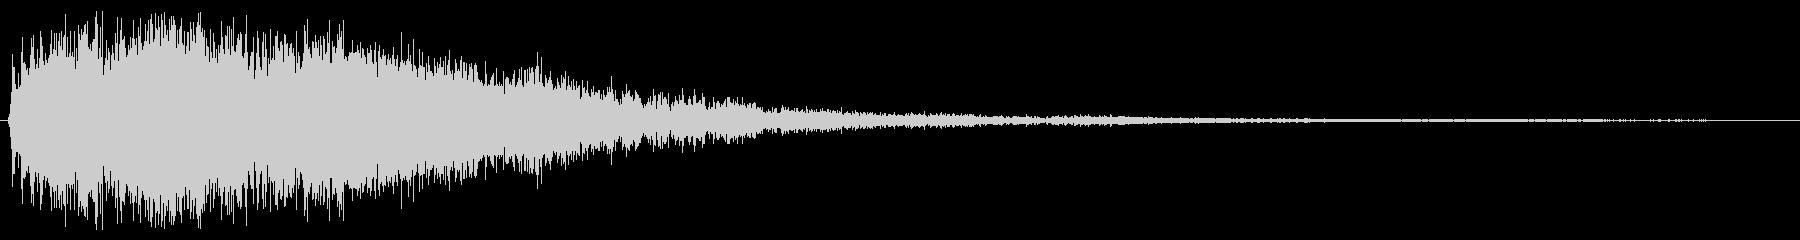 ピヨヨヨーン(高めで不思議な感じ)の未再生の波形